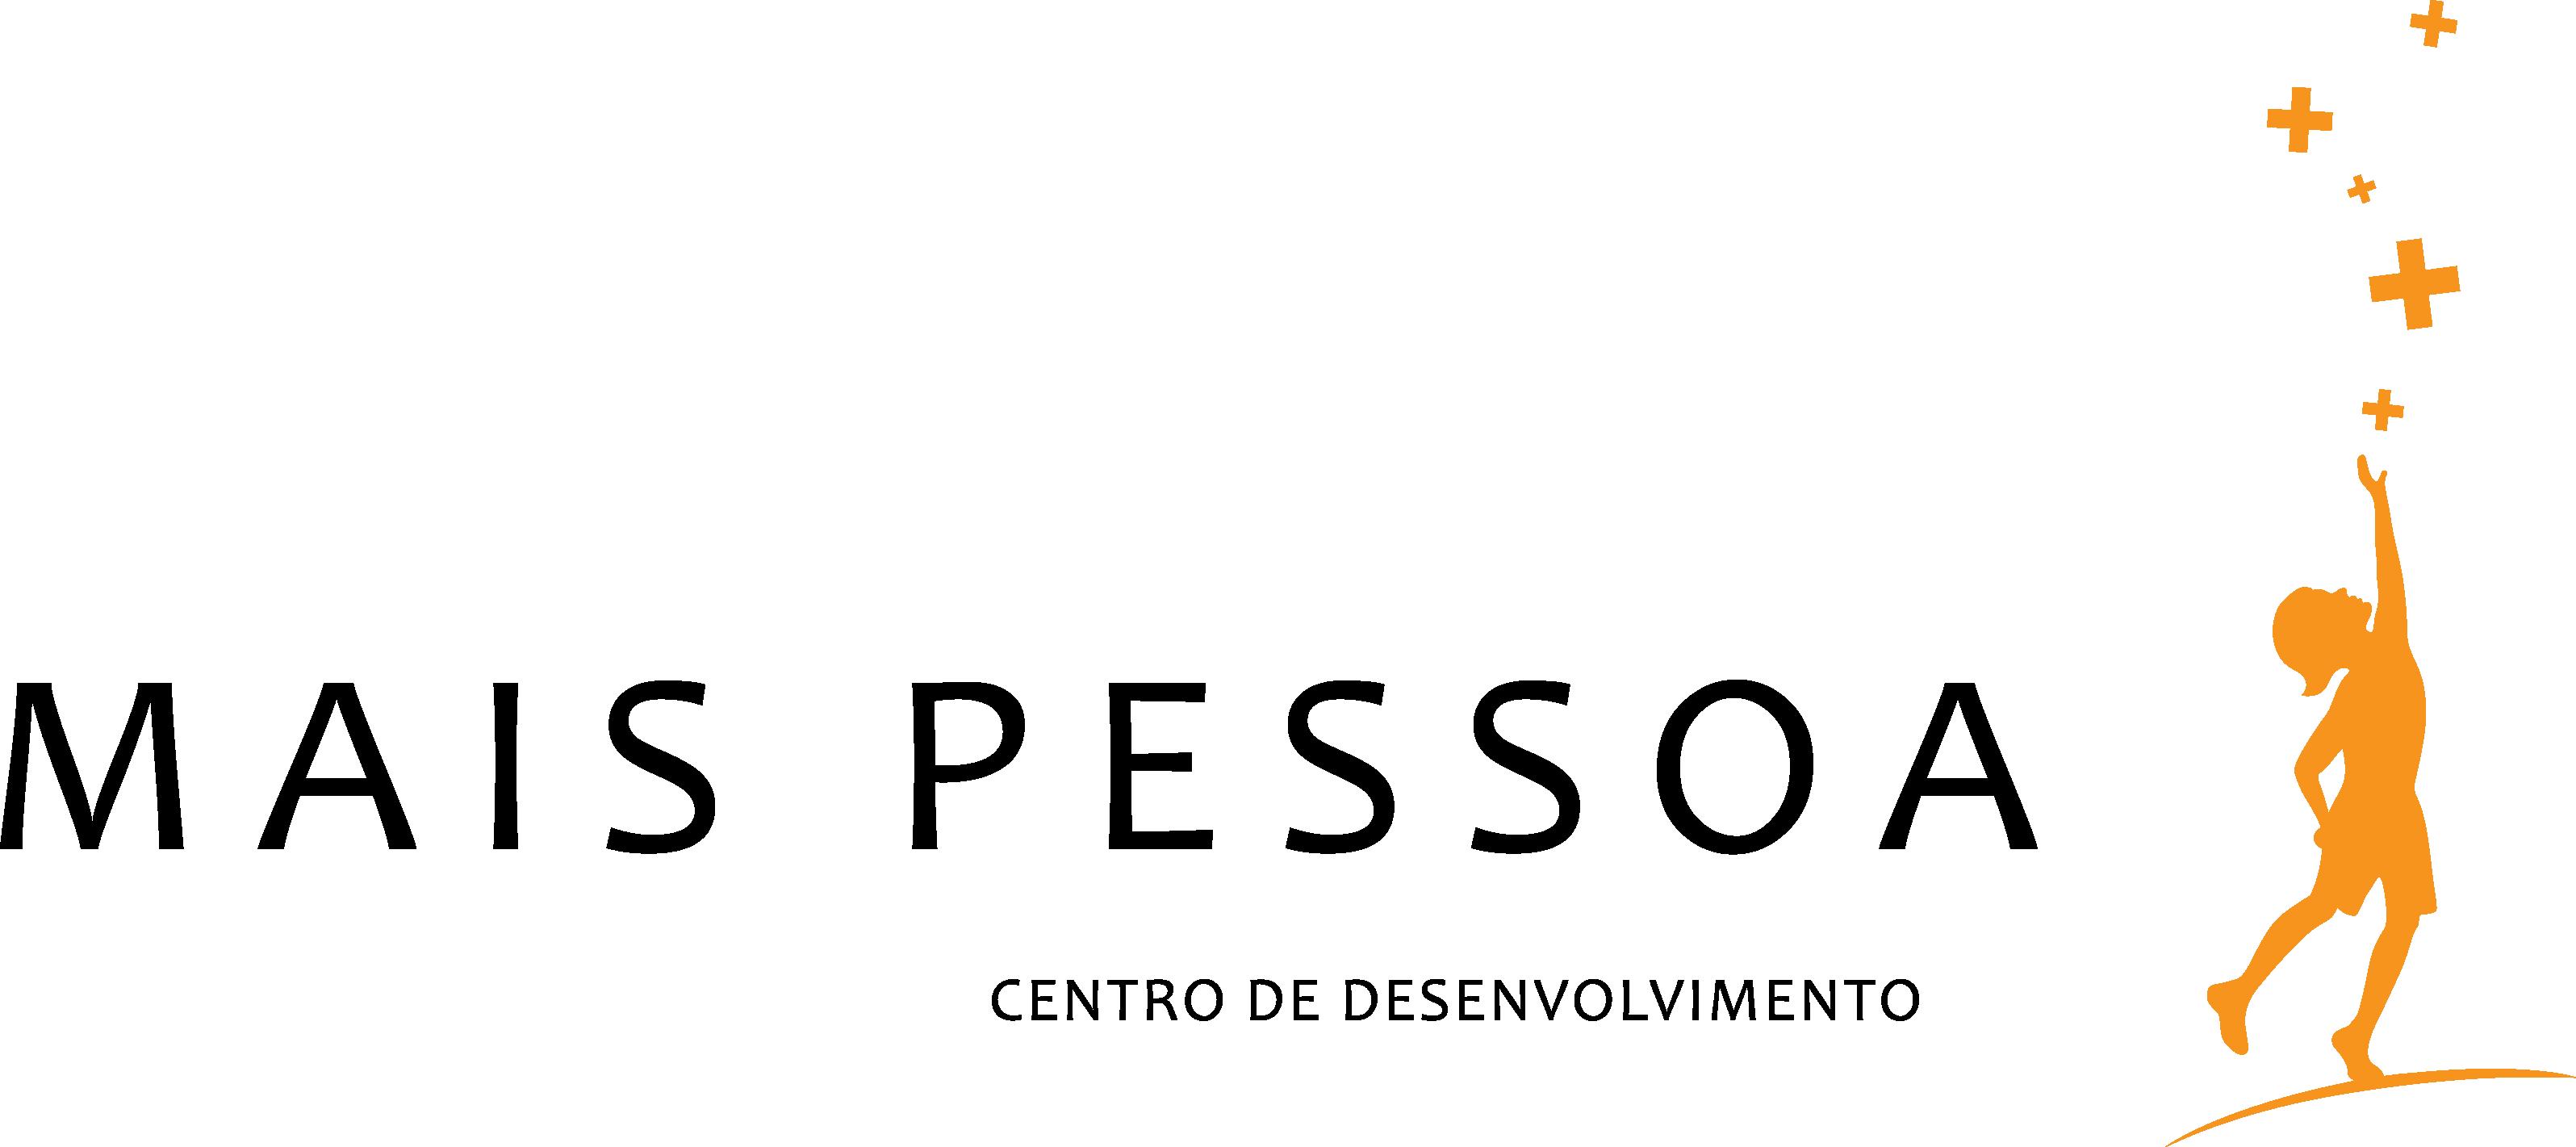 MAISPESSOA